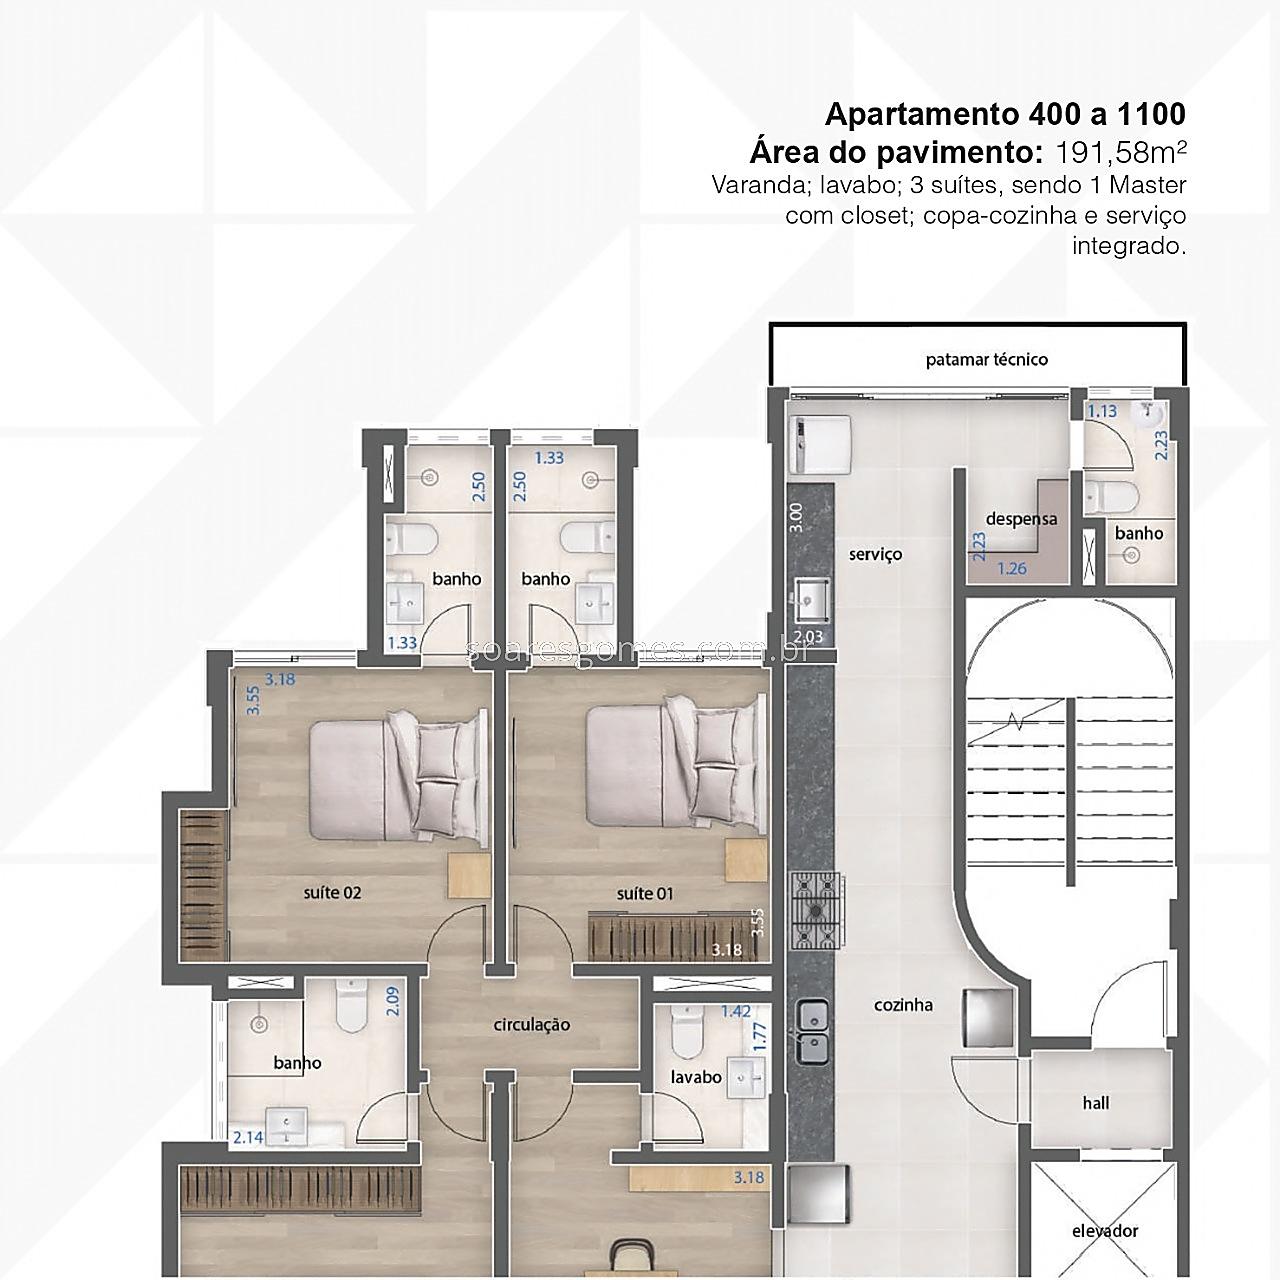 Apartamento à venda em Bom Pastor, Juiz de Fora - MG - Foto 7